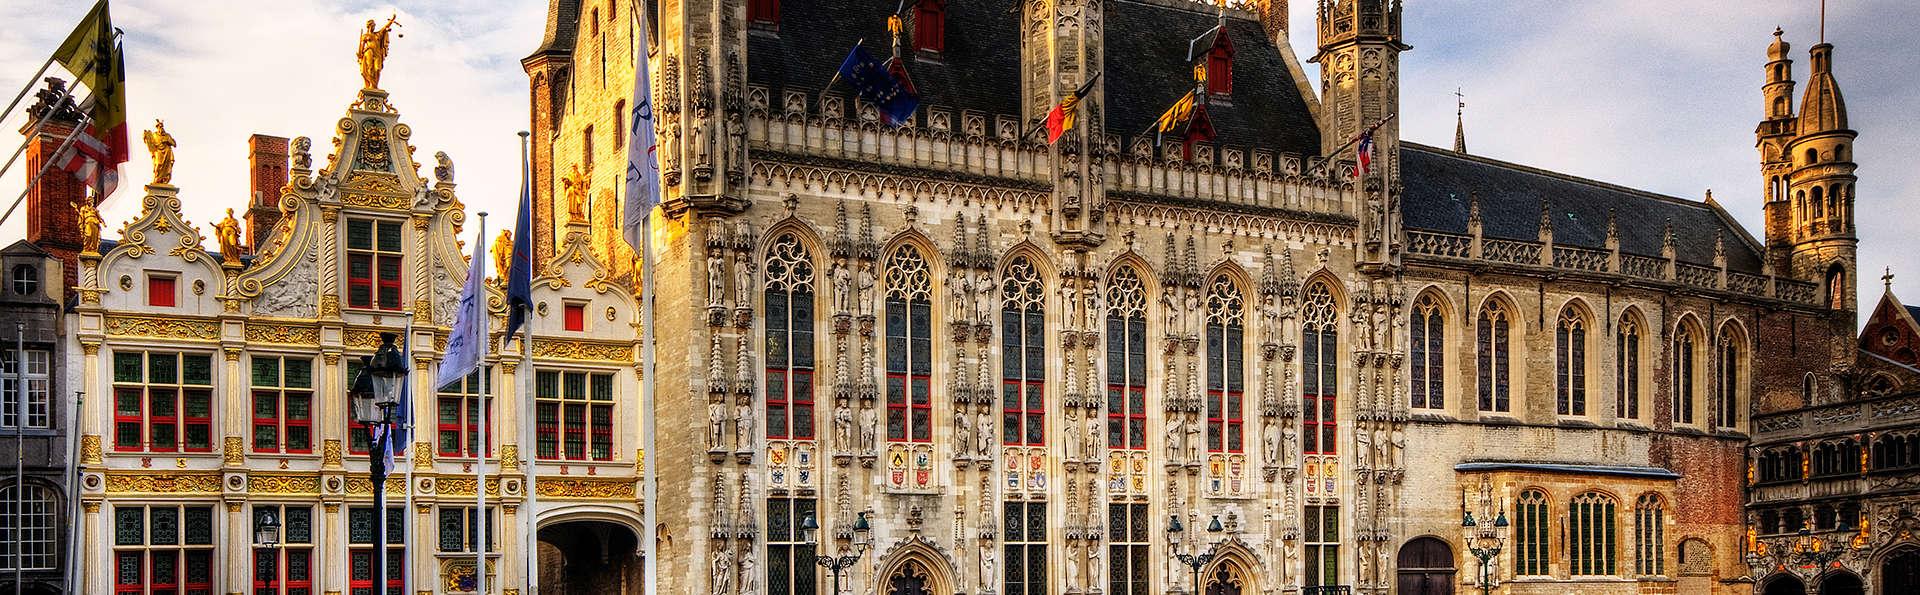 Découvrez Bruges dans un hôtel de luxe (à partir de 2 nuits)